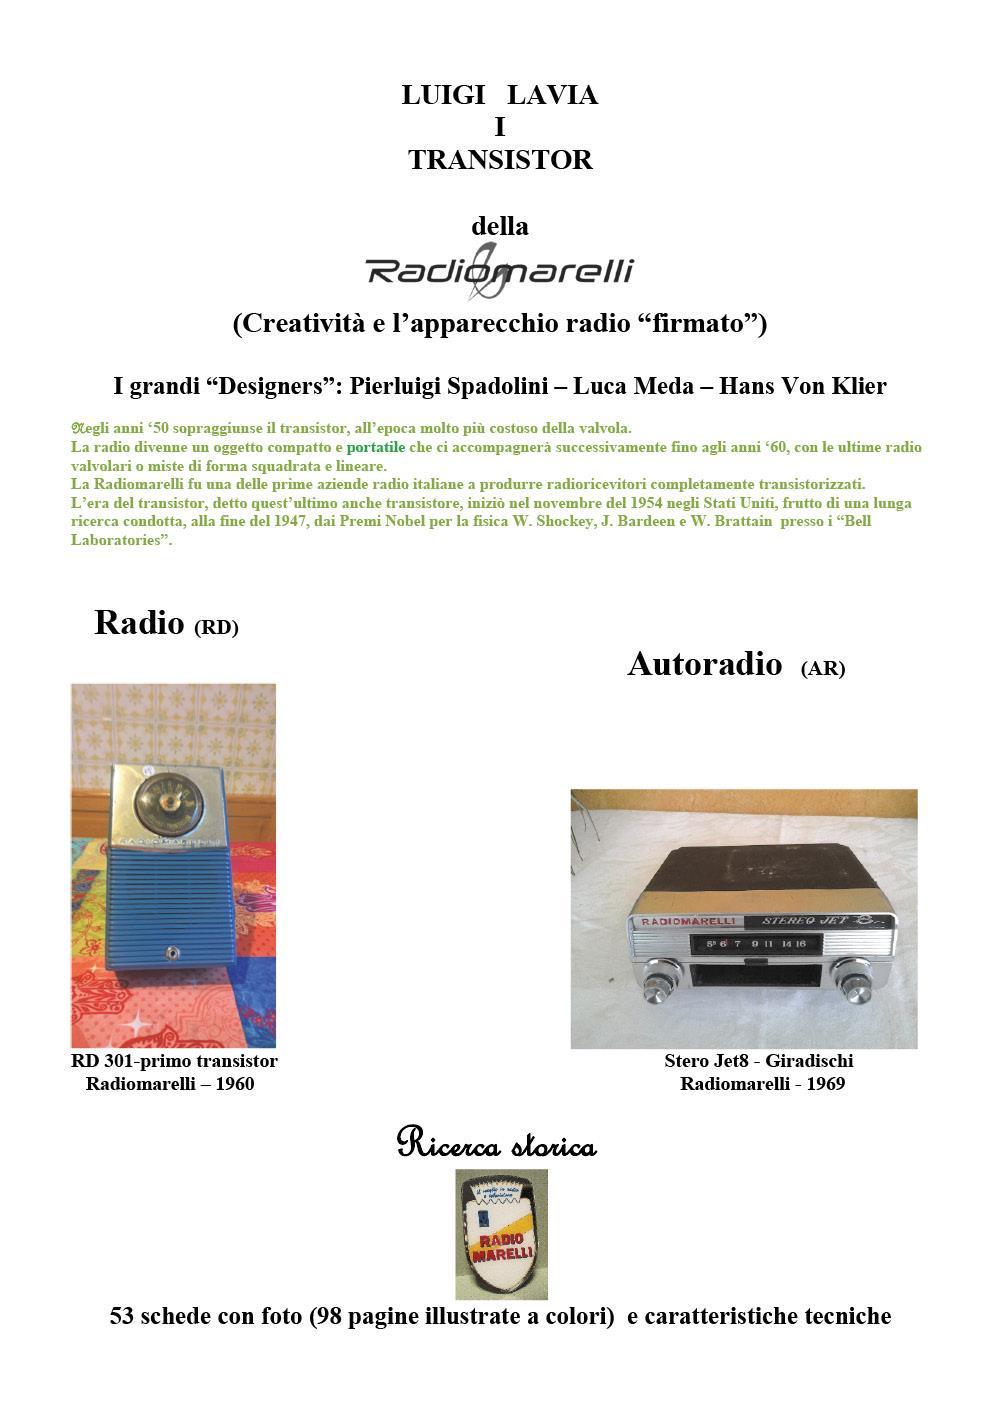 I Transistor della Radiomarelli (La Creatività- Radio (RD) - Autoradio (AR)